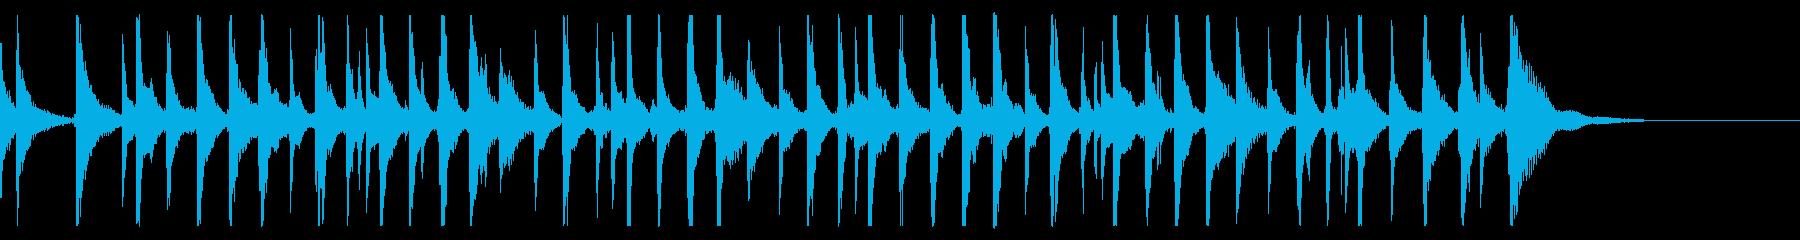 出囃子アレンジの「かごめかごめ」の再生済みの波形